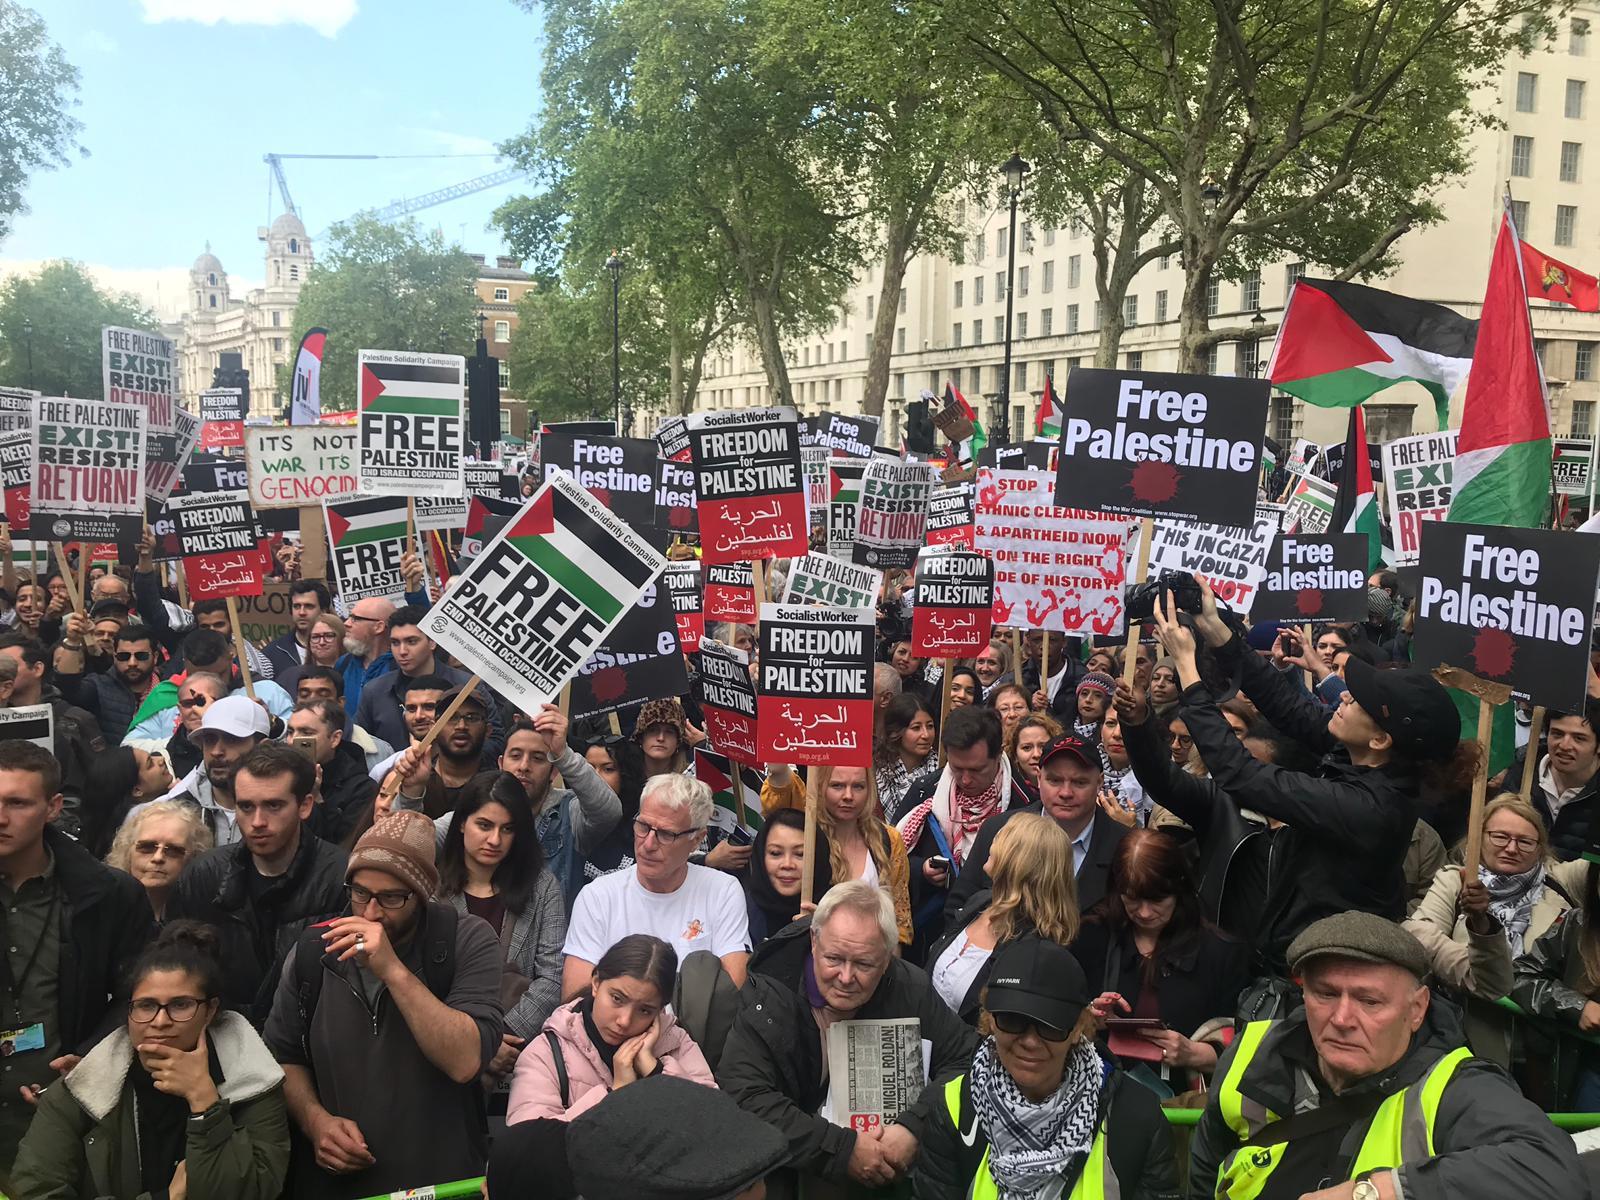 تظاهرة حاشدة في لندن دعماً لحق العودة ورفضاً لصفقة القرن